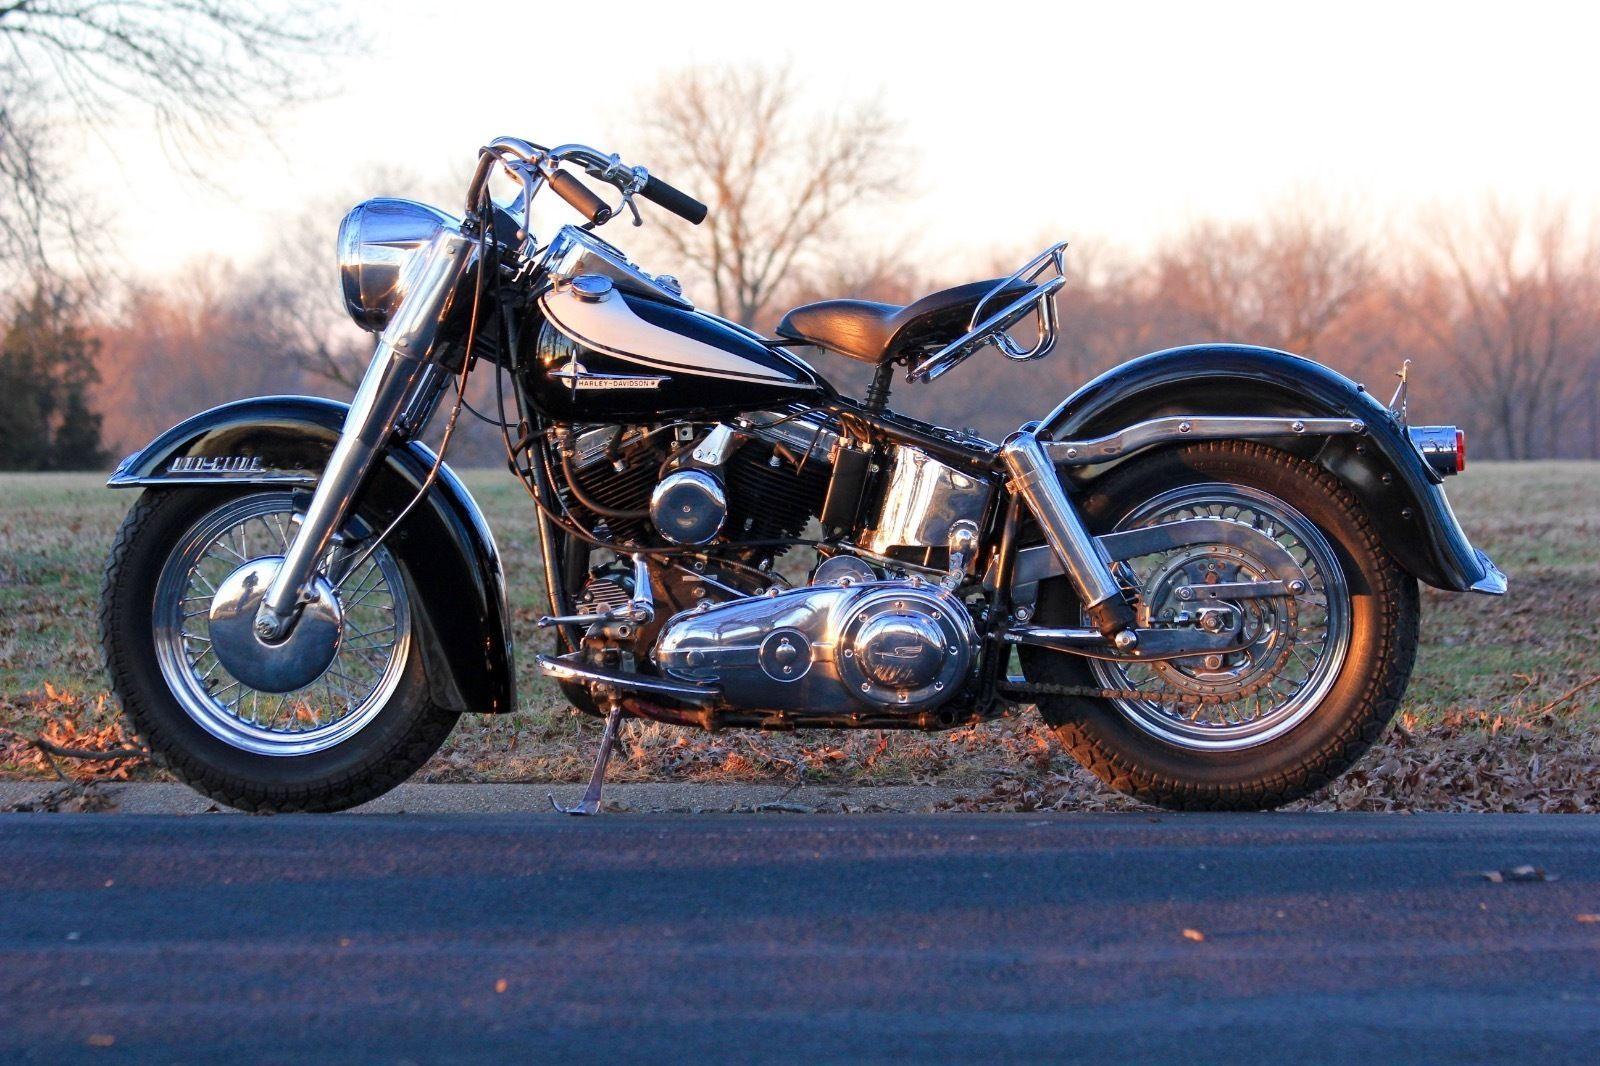 1962 Harley-Davidson FLH Panhead | Harley davidson, Harley davidson